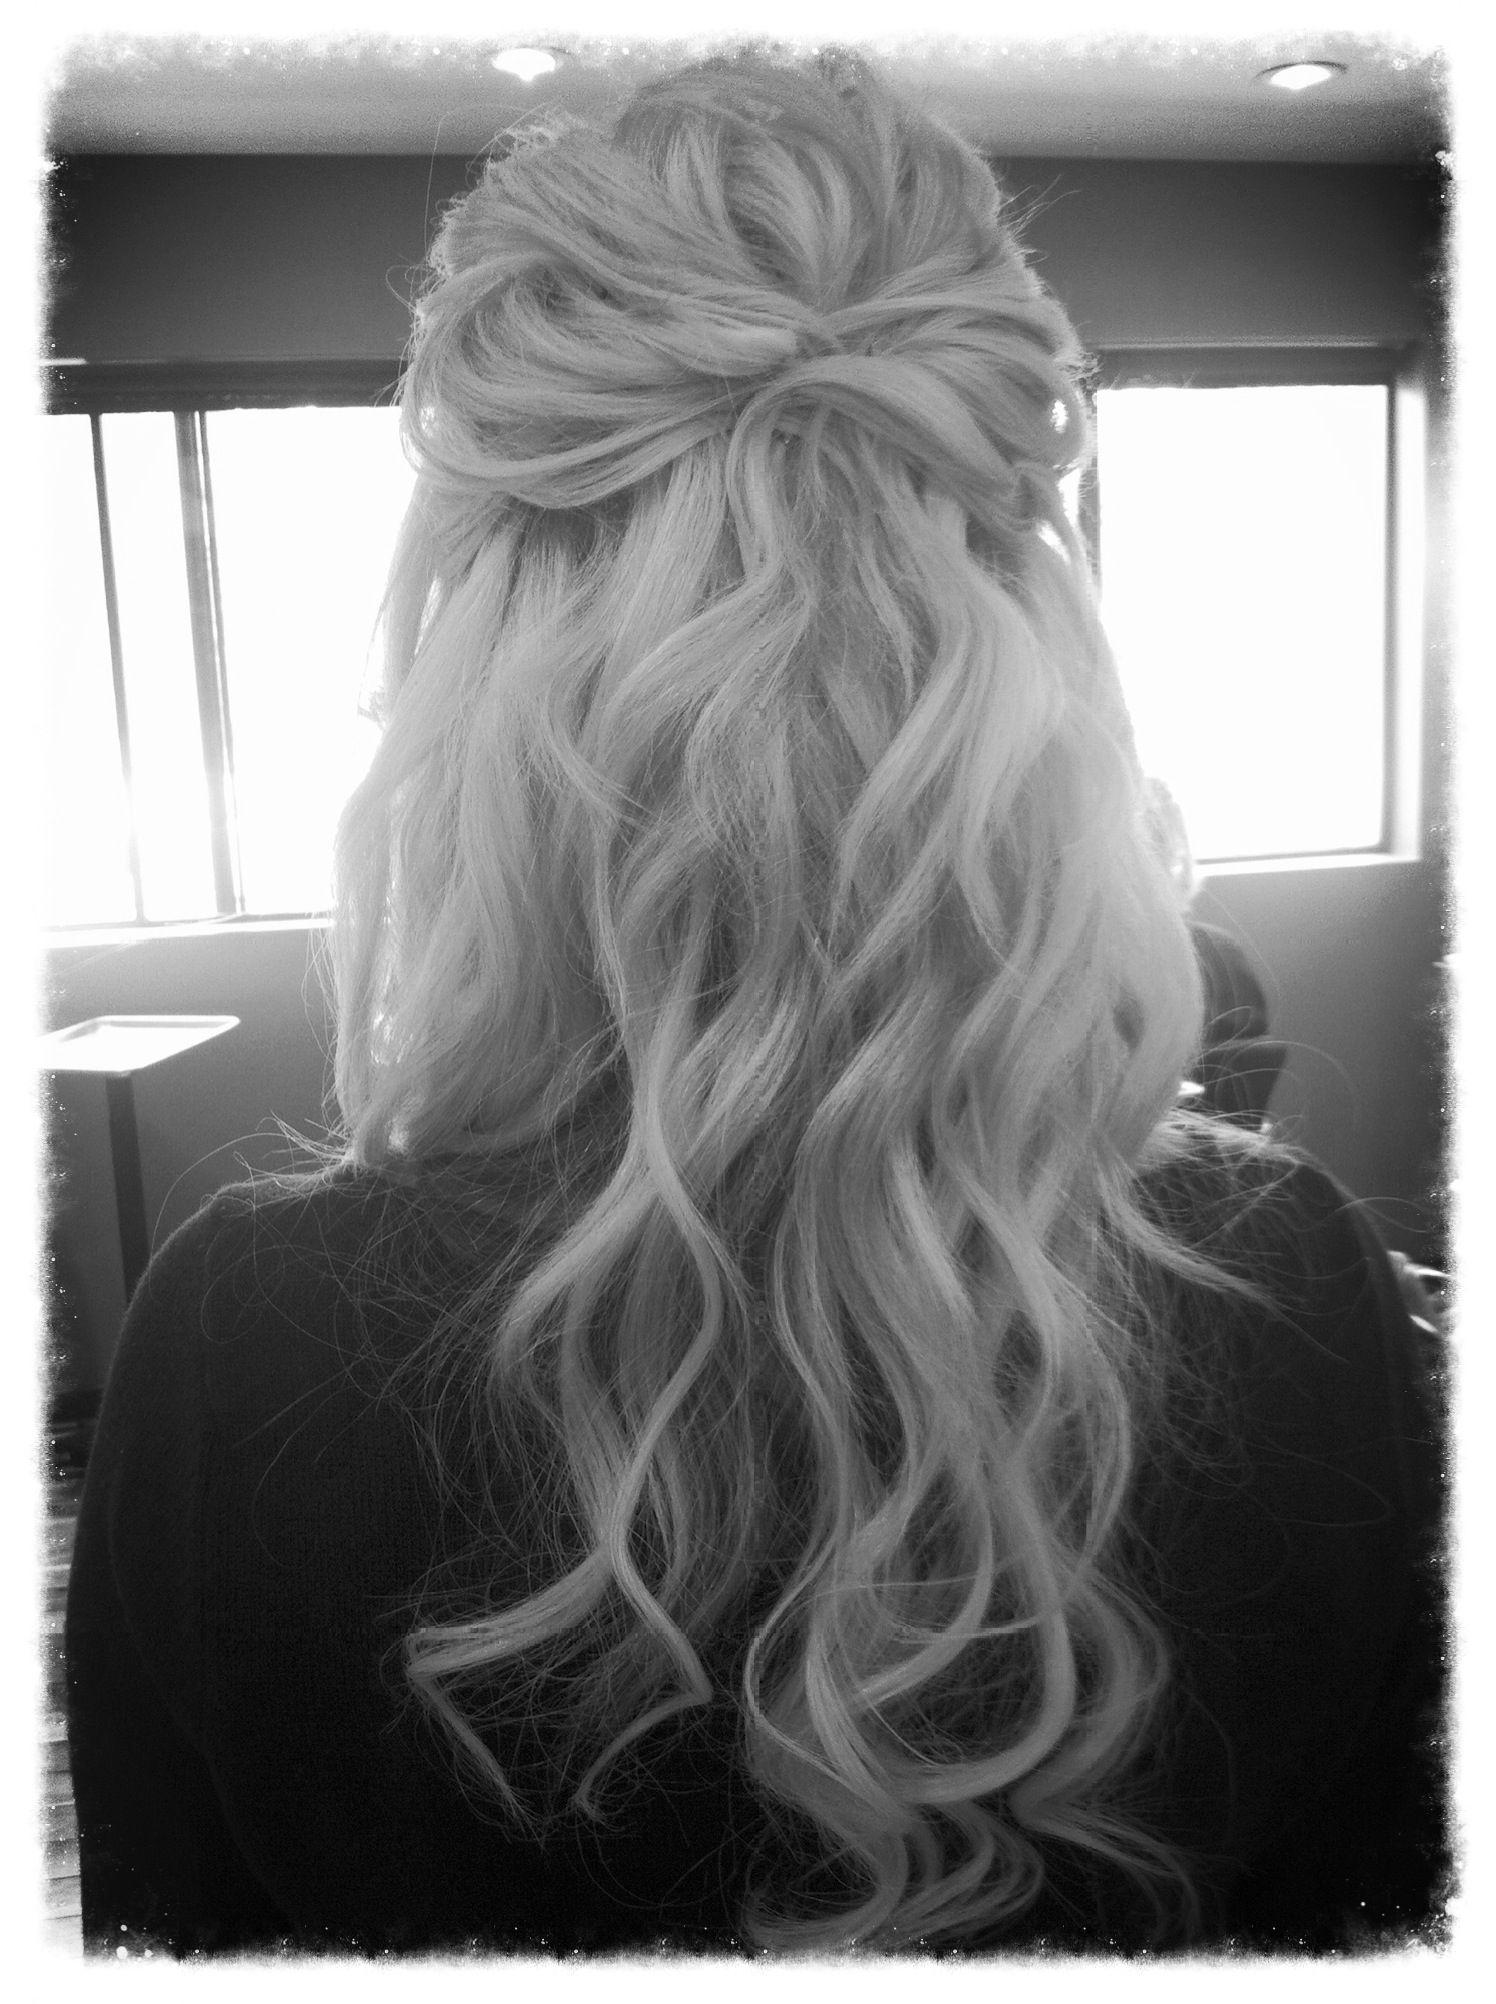 kathleen fleming south lake tahoe hair and makeup artist